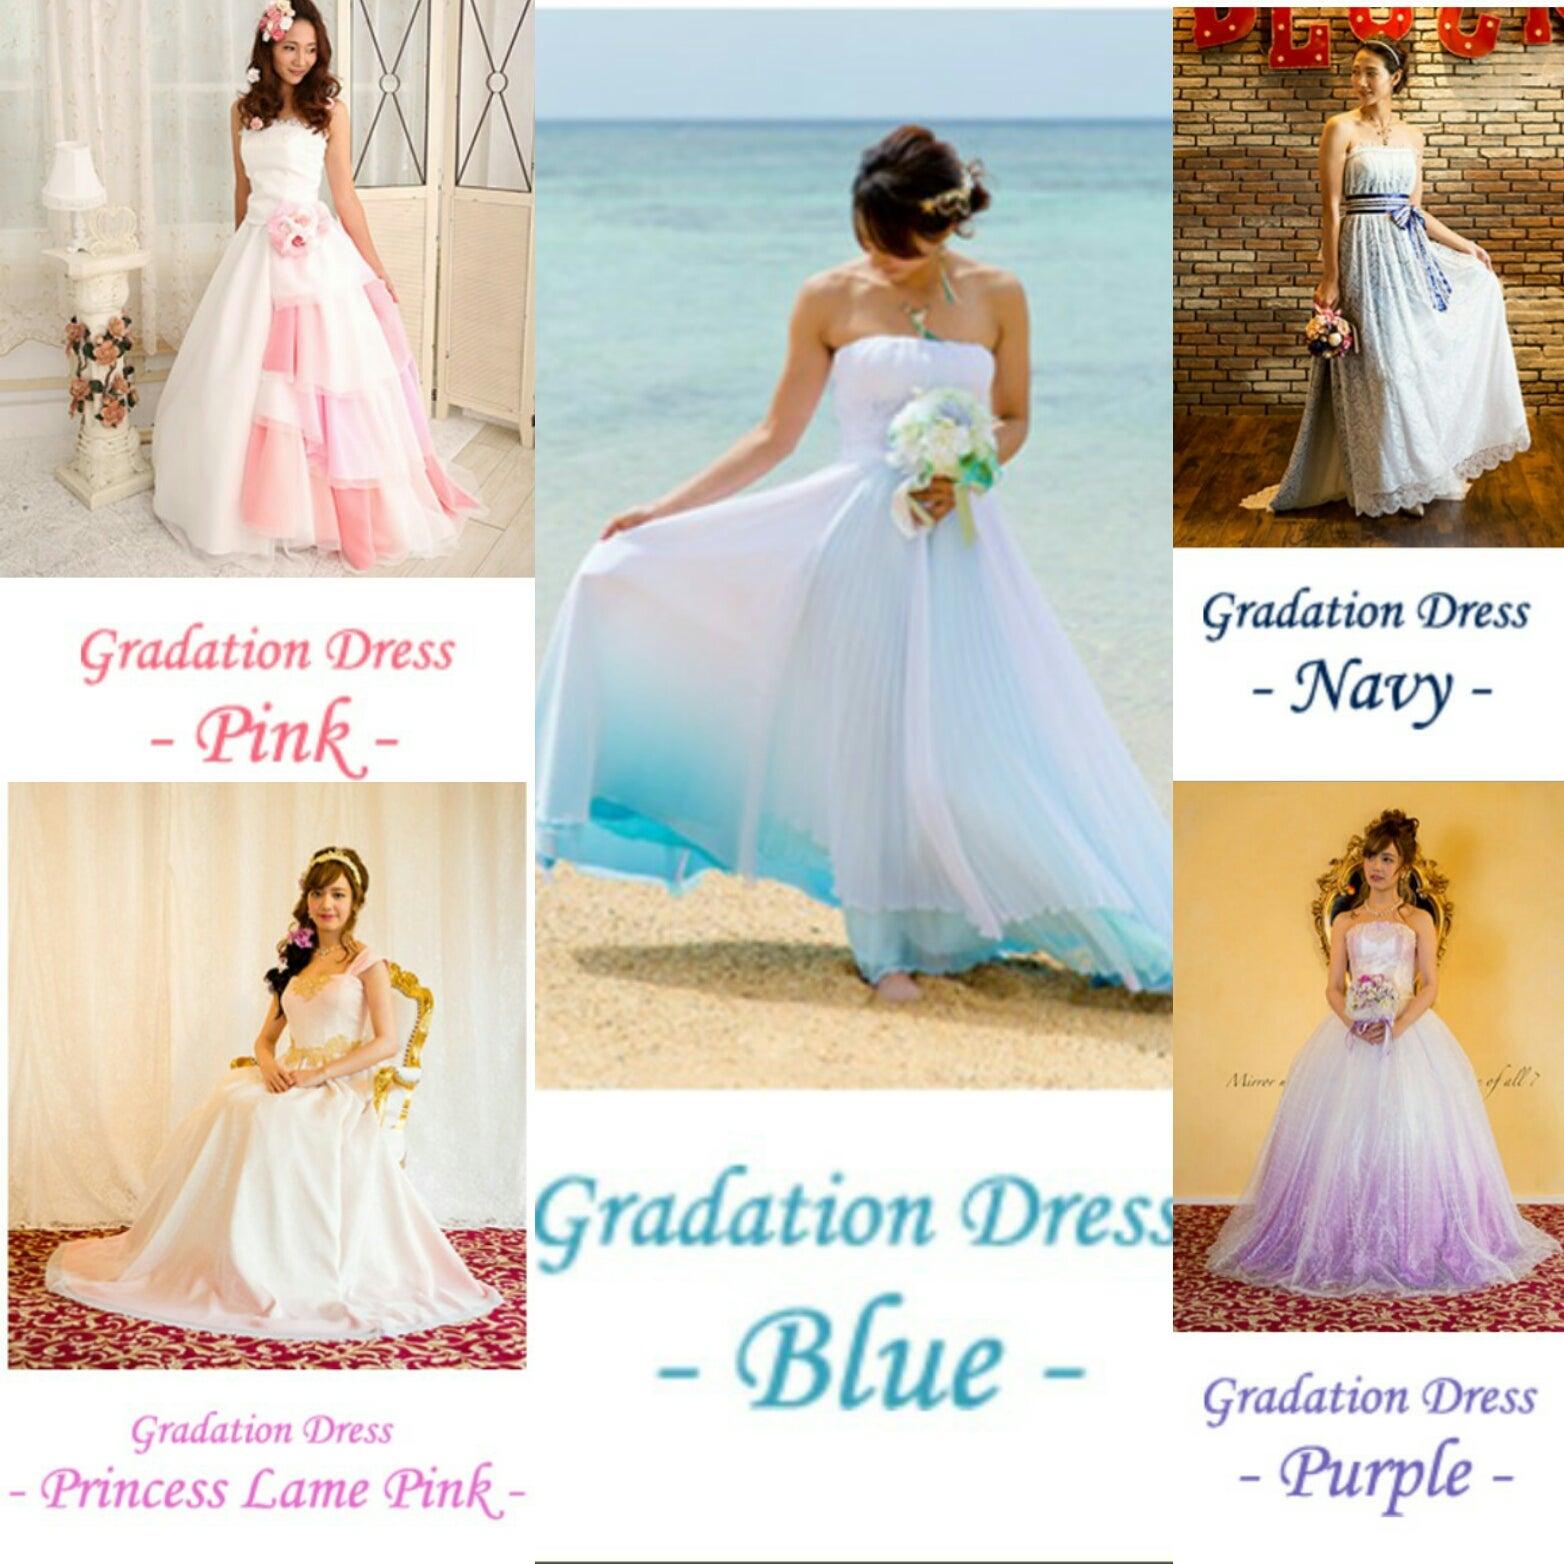 d92263b05b9b2 花嫁が一番美しく引き立つ他にはないドレスを作りました